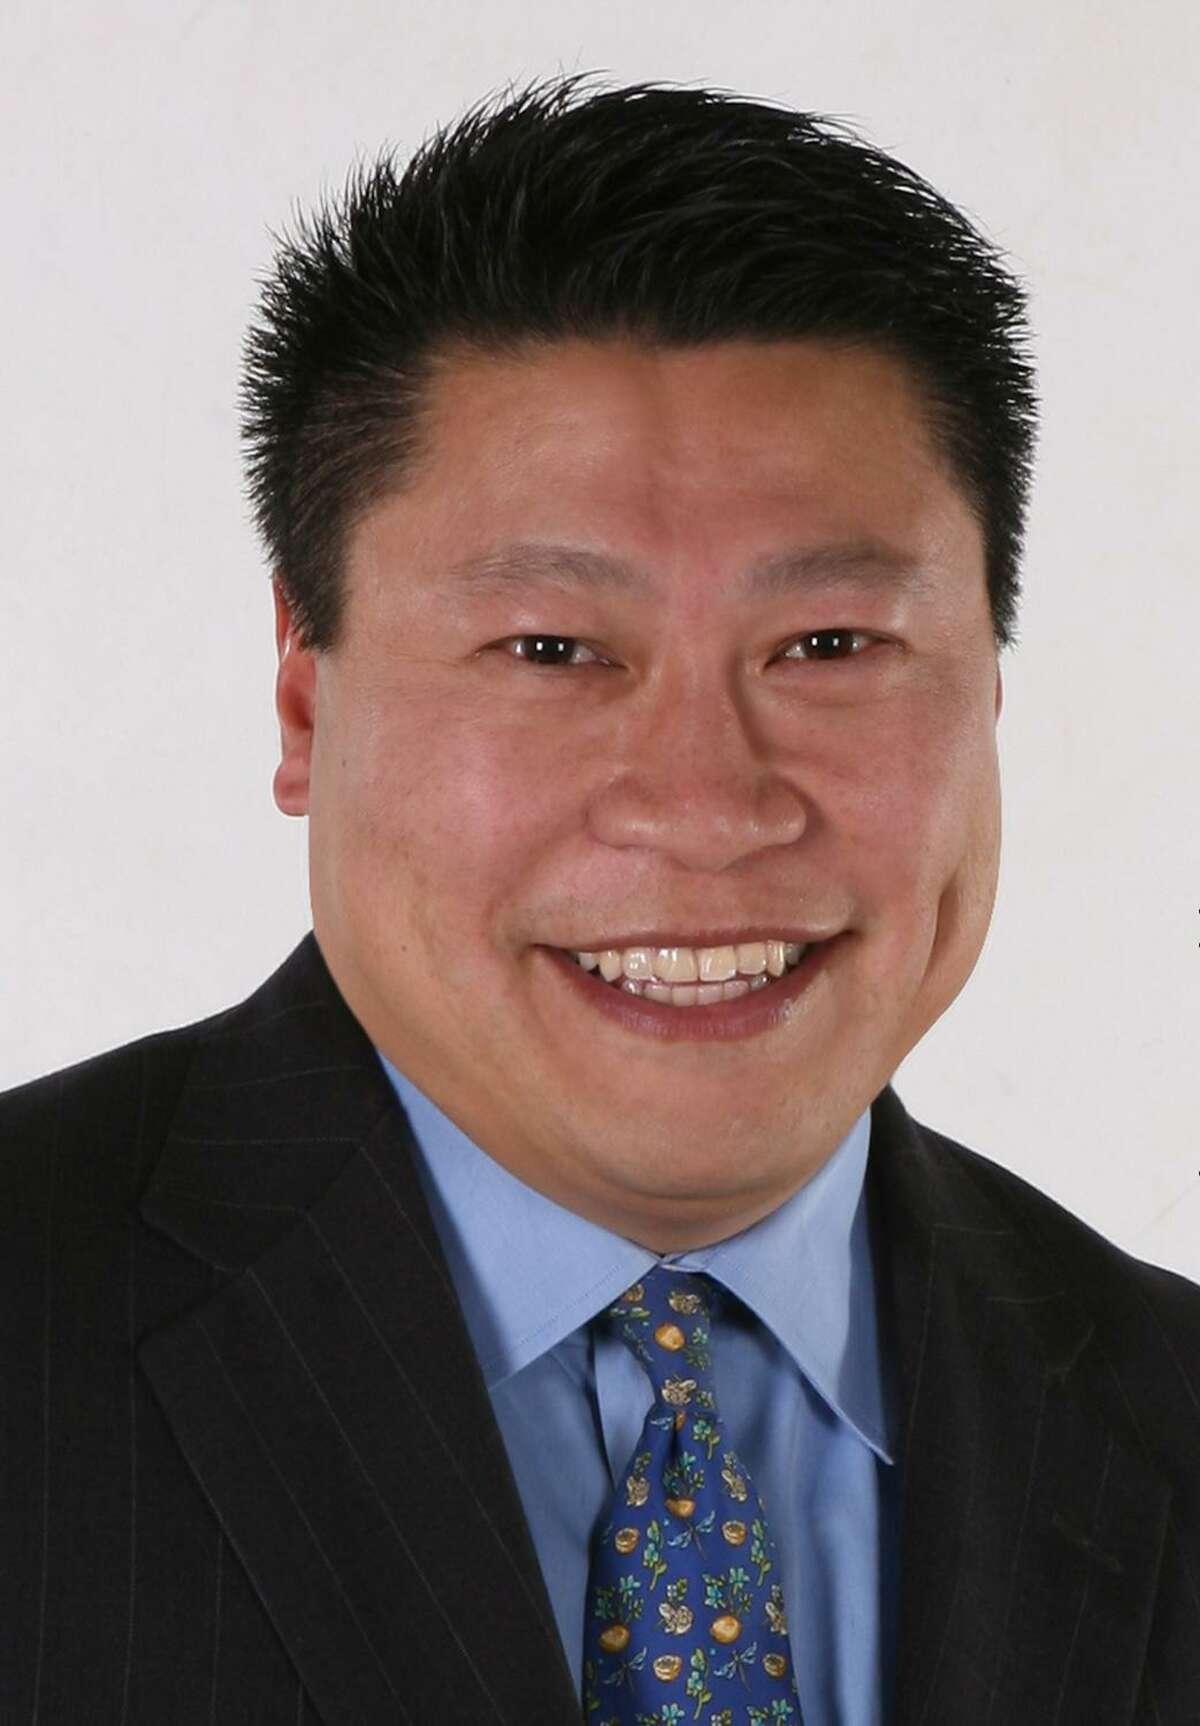 State Sen. Tony Hwang